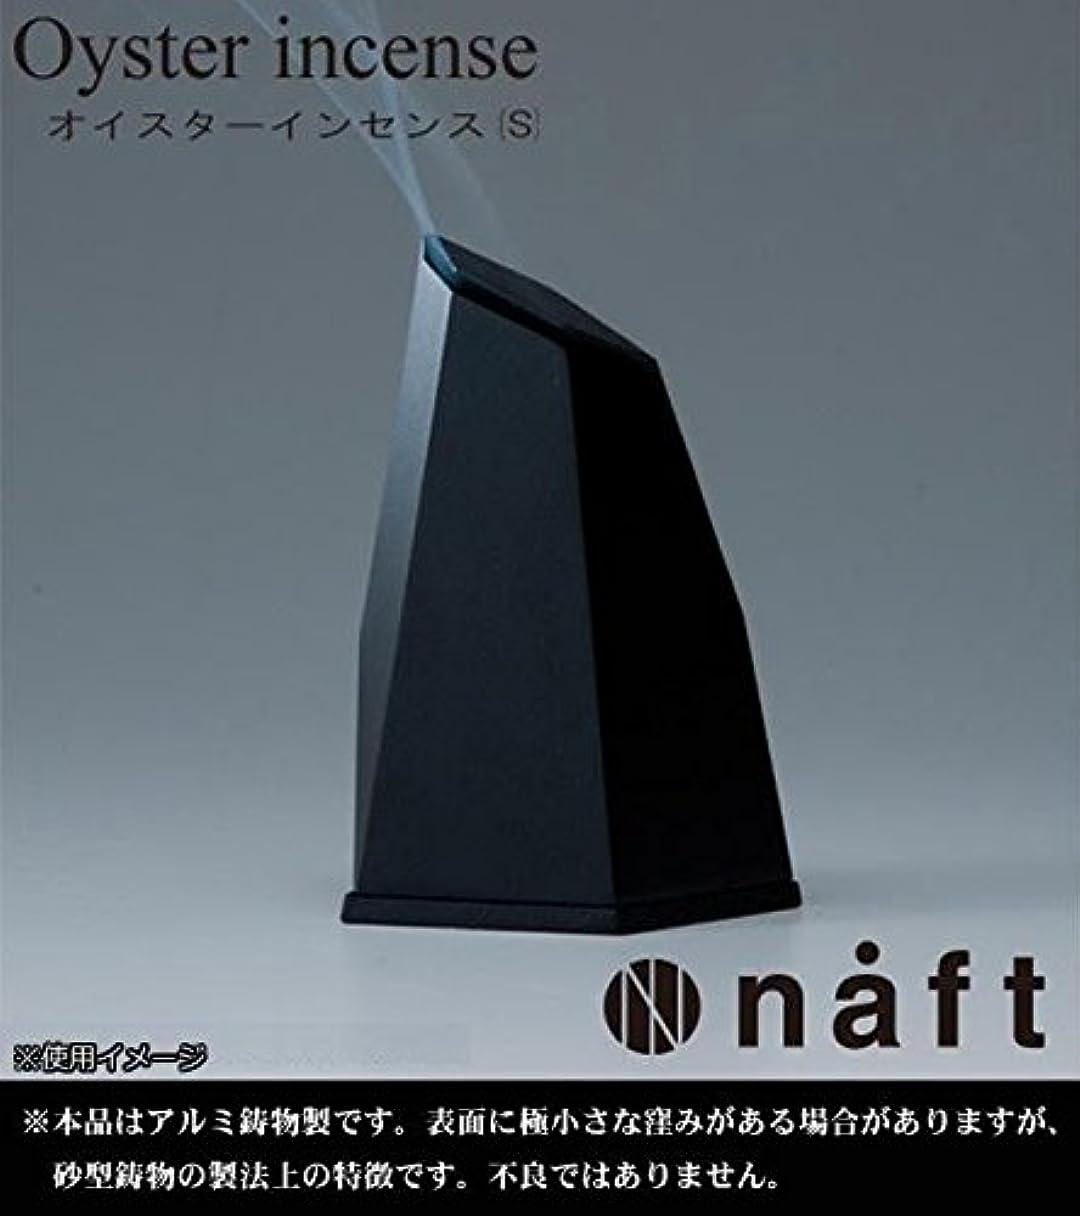 アスリート位置づける調停するnaft Oyster incense オイスターインセンス 香炉 Sサイズ ブラック